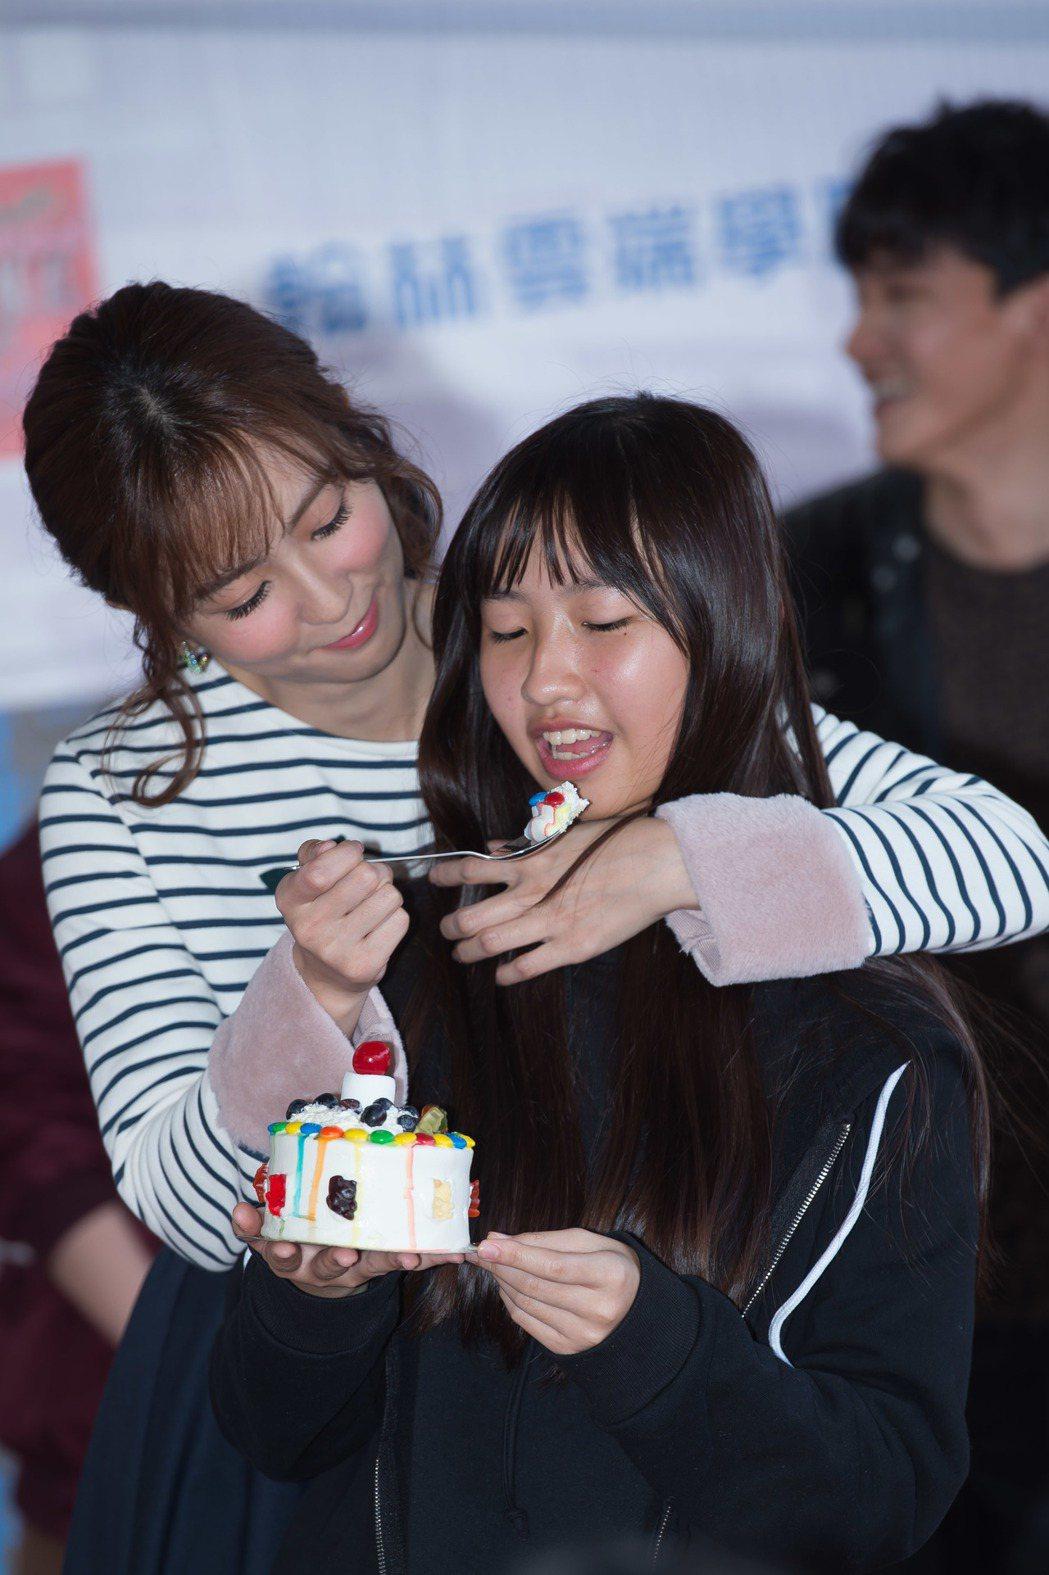 周曉涵背後抱粉絲餵食蛋糕。圖/東森提供